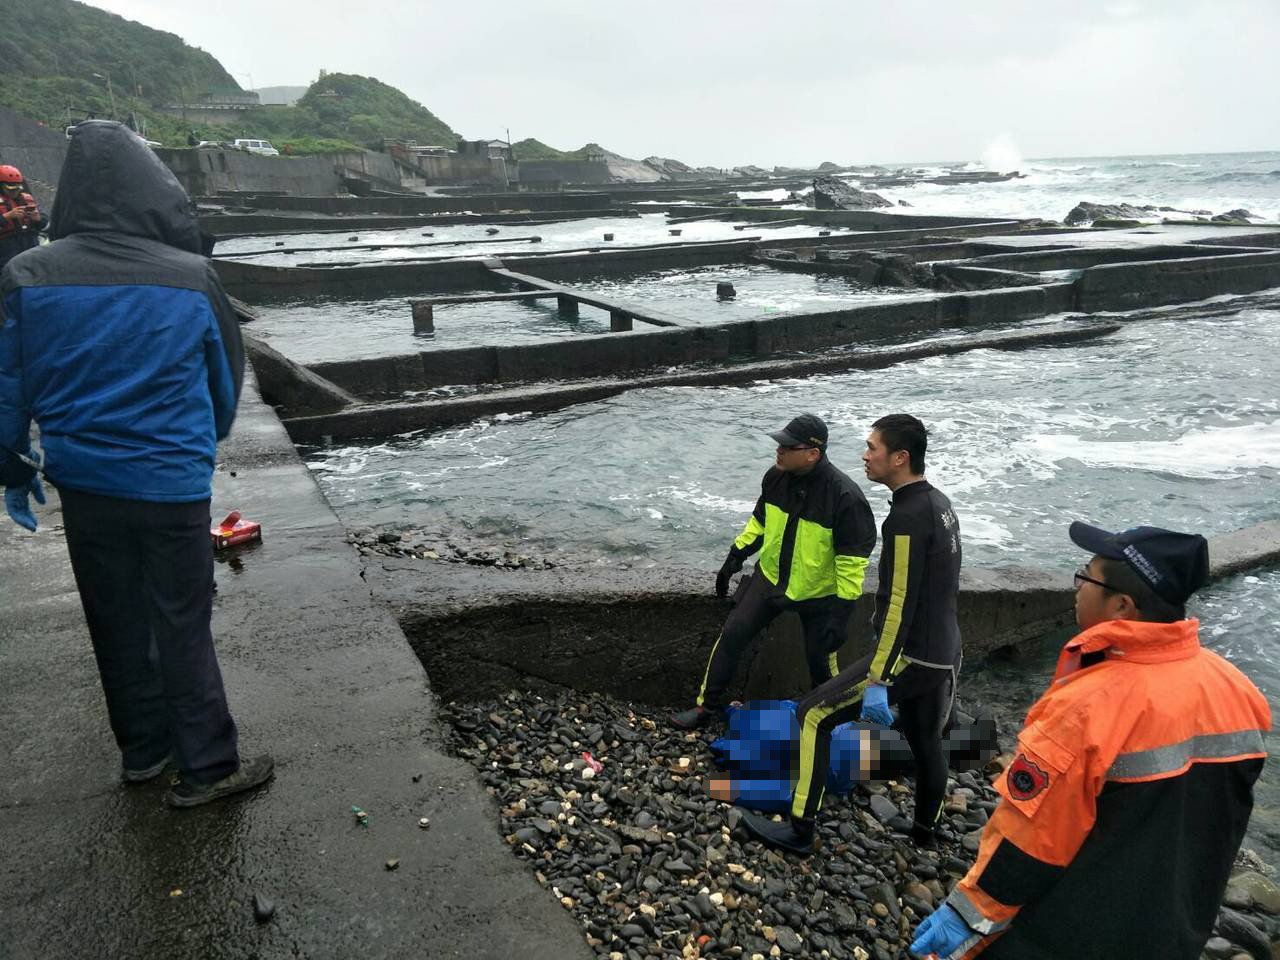 潘姓釣客在前往龍洞釣點途中突然落海,拉起時已明顯死亡。圖/新北消防局第六大隊提供